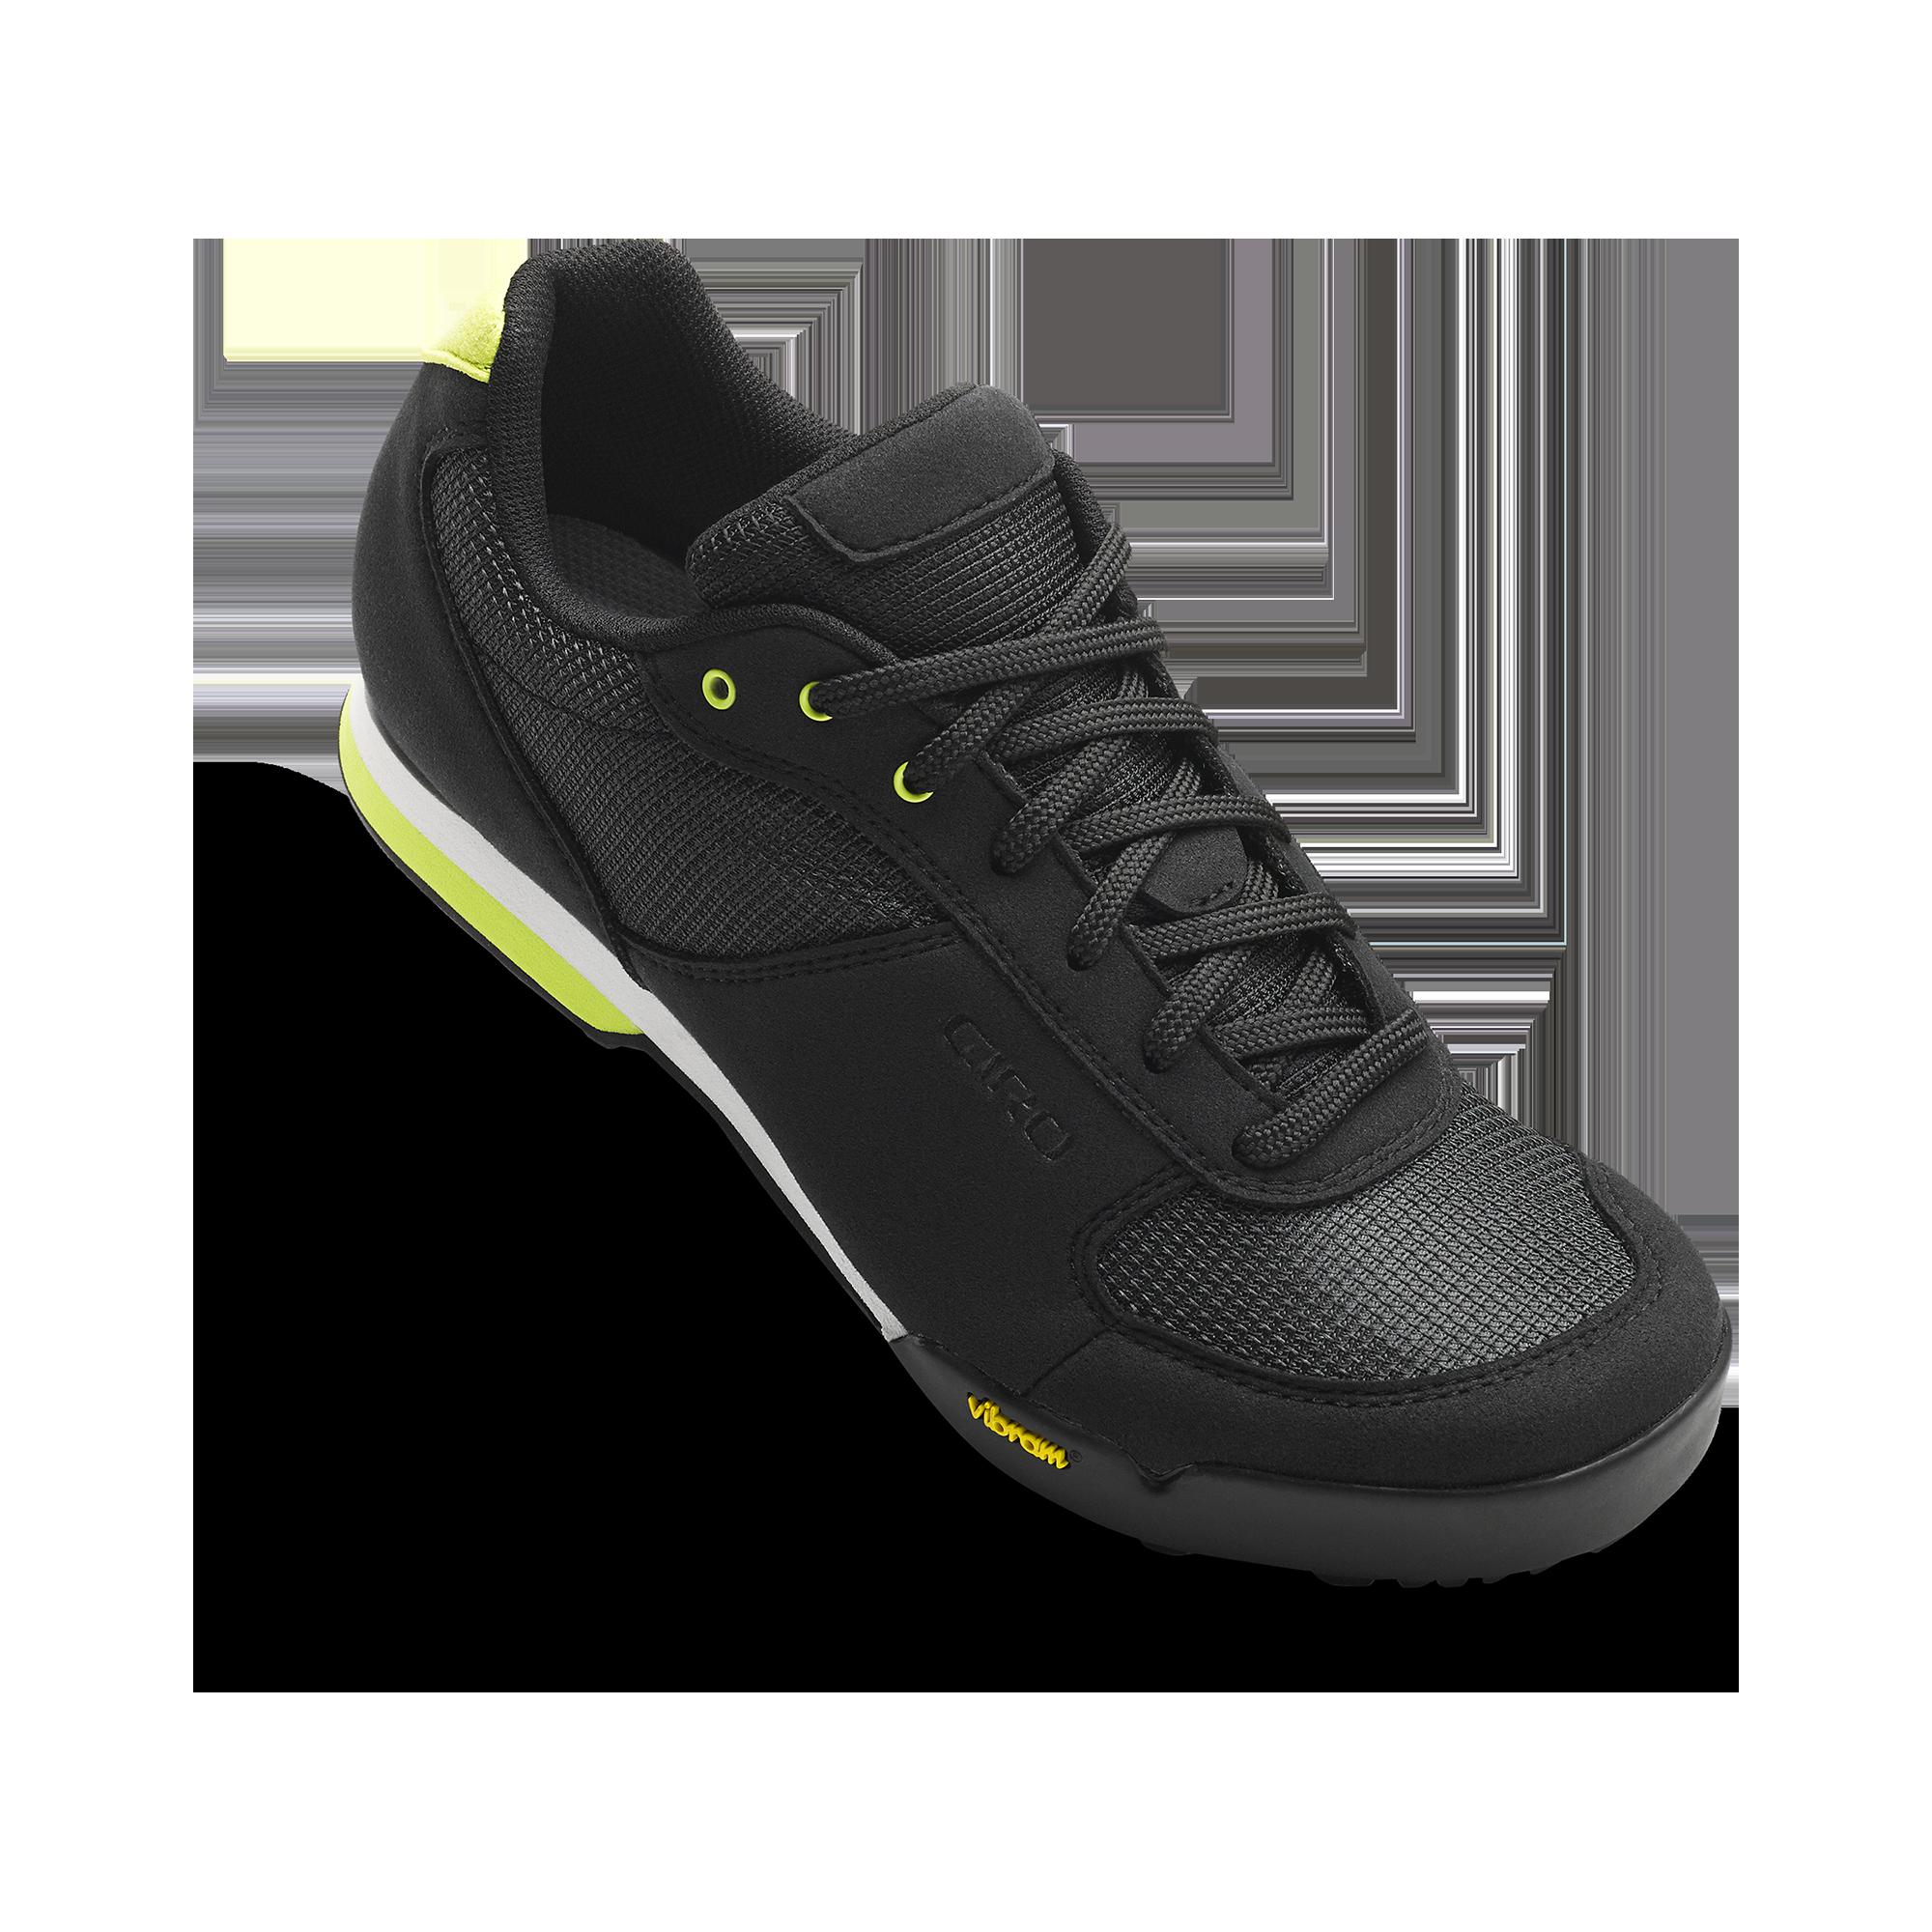 Giro Petra Vr Women'S Mountain Bike Cycling Shoes, Black/Wild Lime, 40